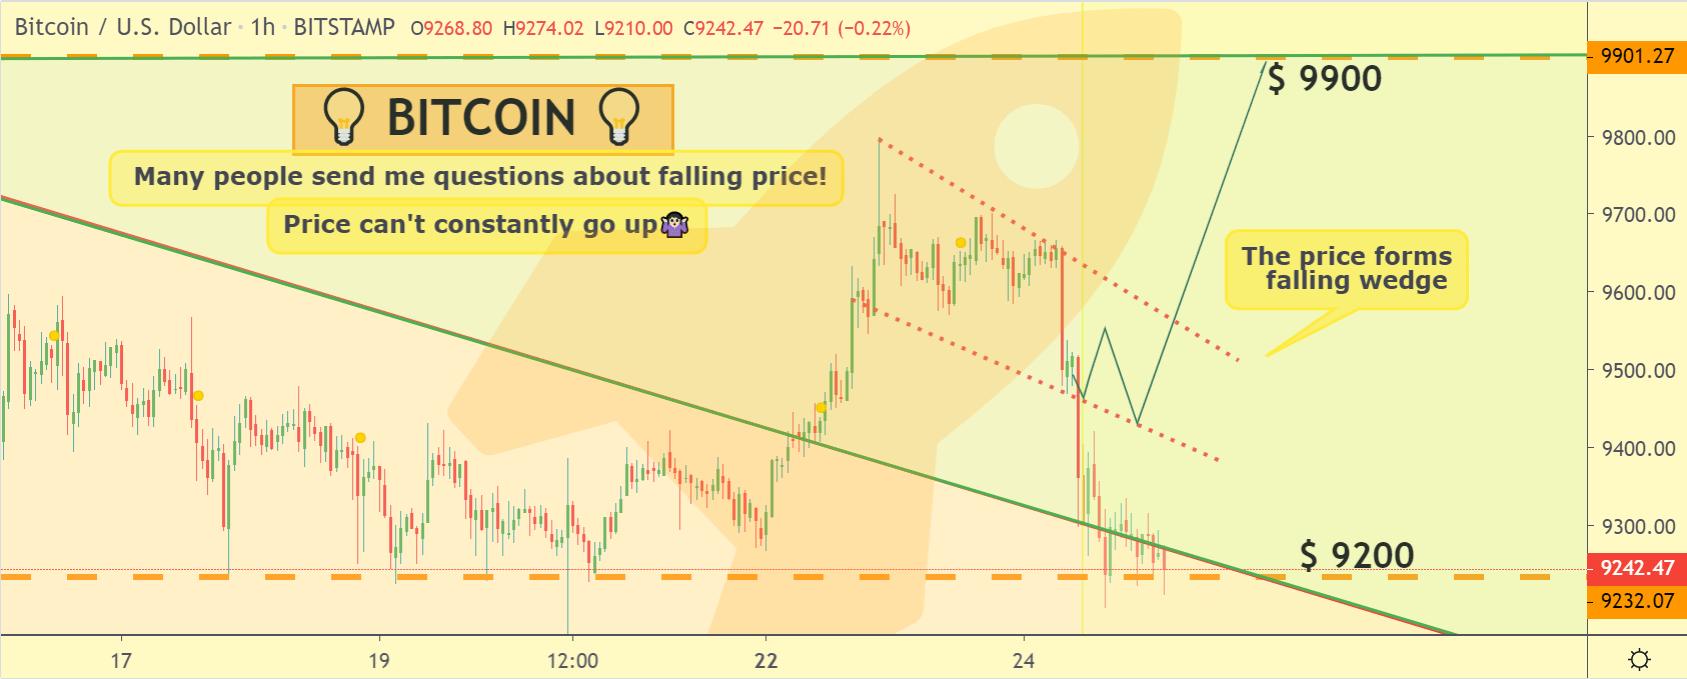 Bitcoin price chart 3 - 24 June